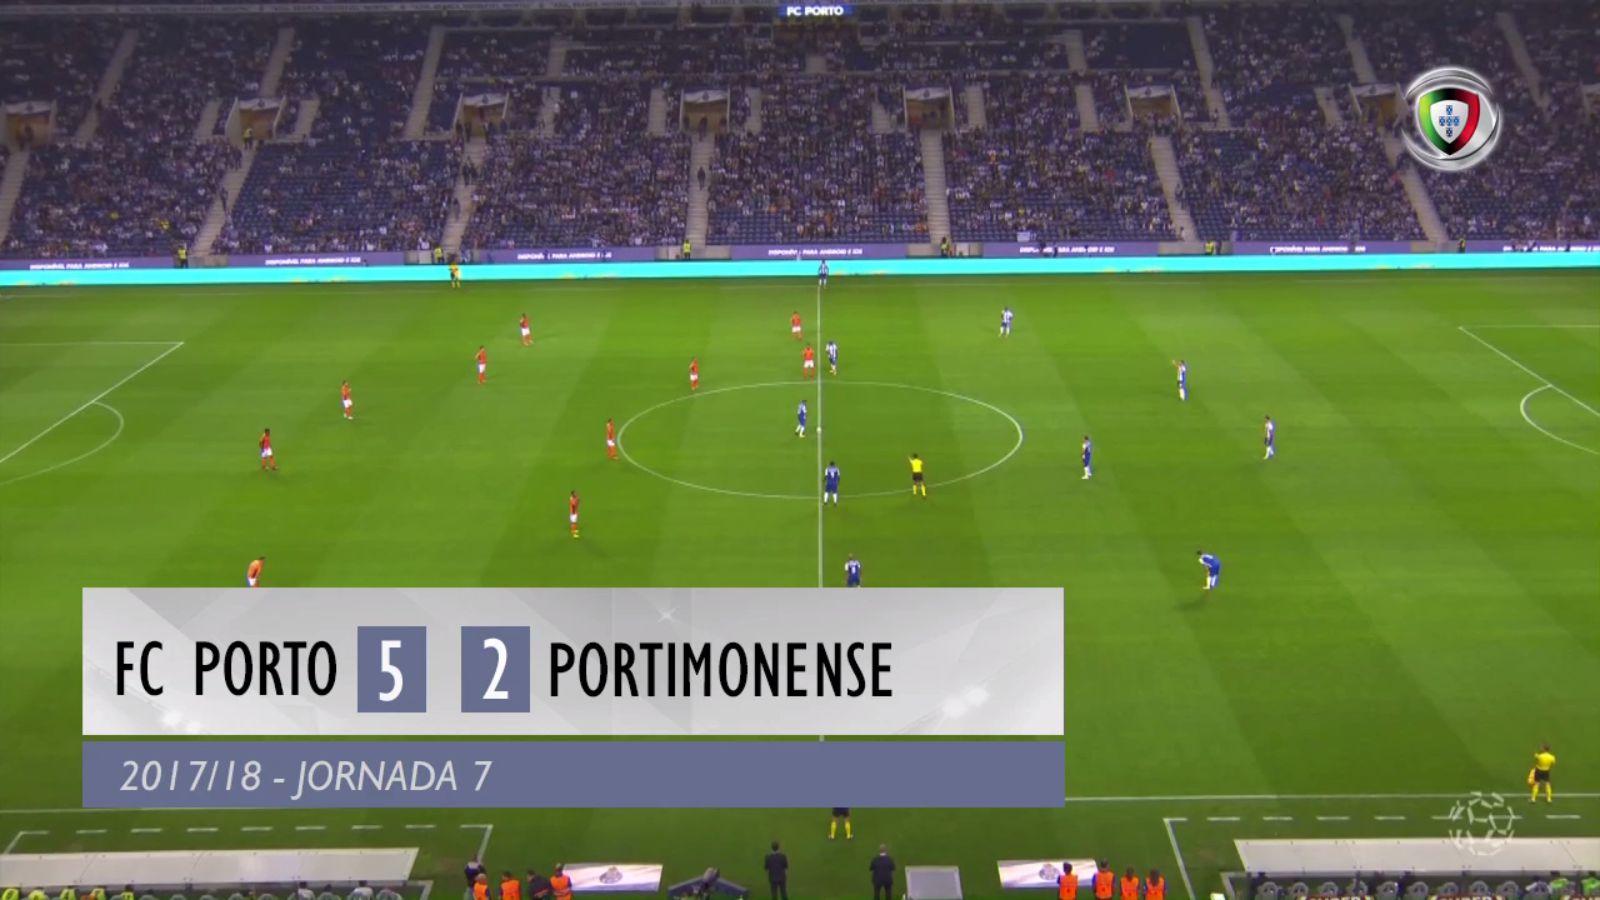 22-09-2017 - FC Porto 5-2 Portimonense